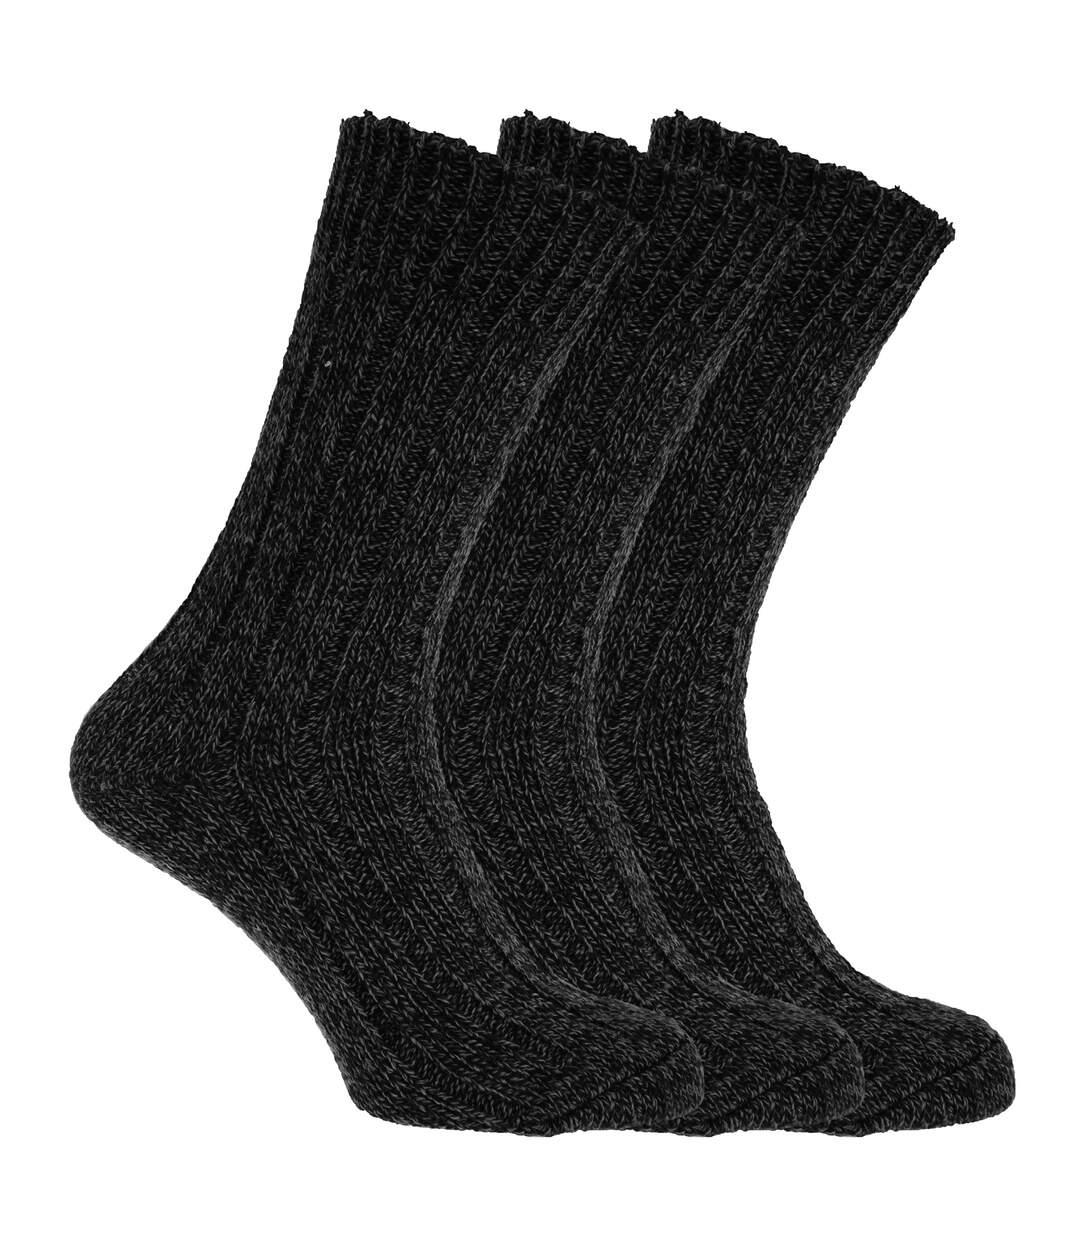 Mens Wool Blend Boot Socks (Pack Of 3) (Black) - UTMB158